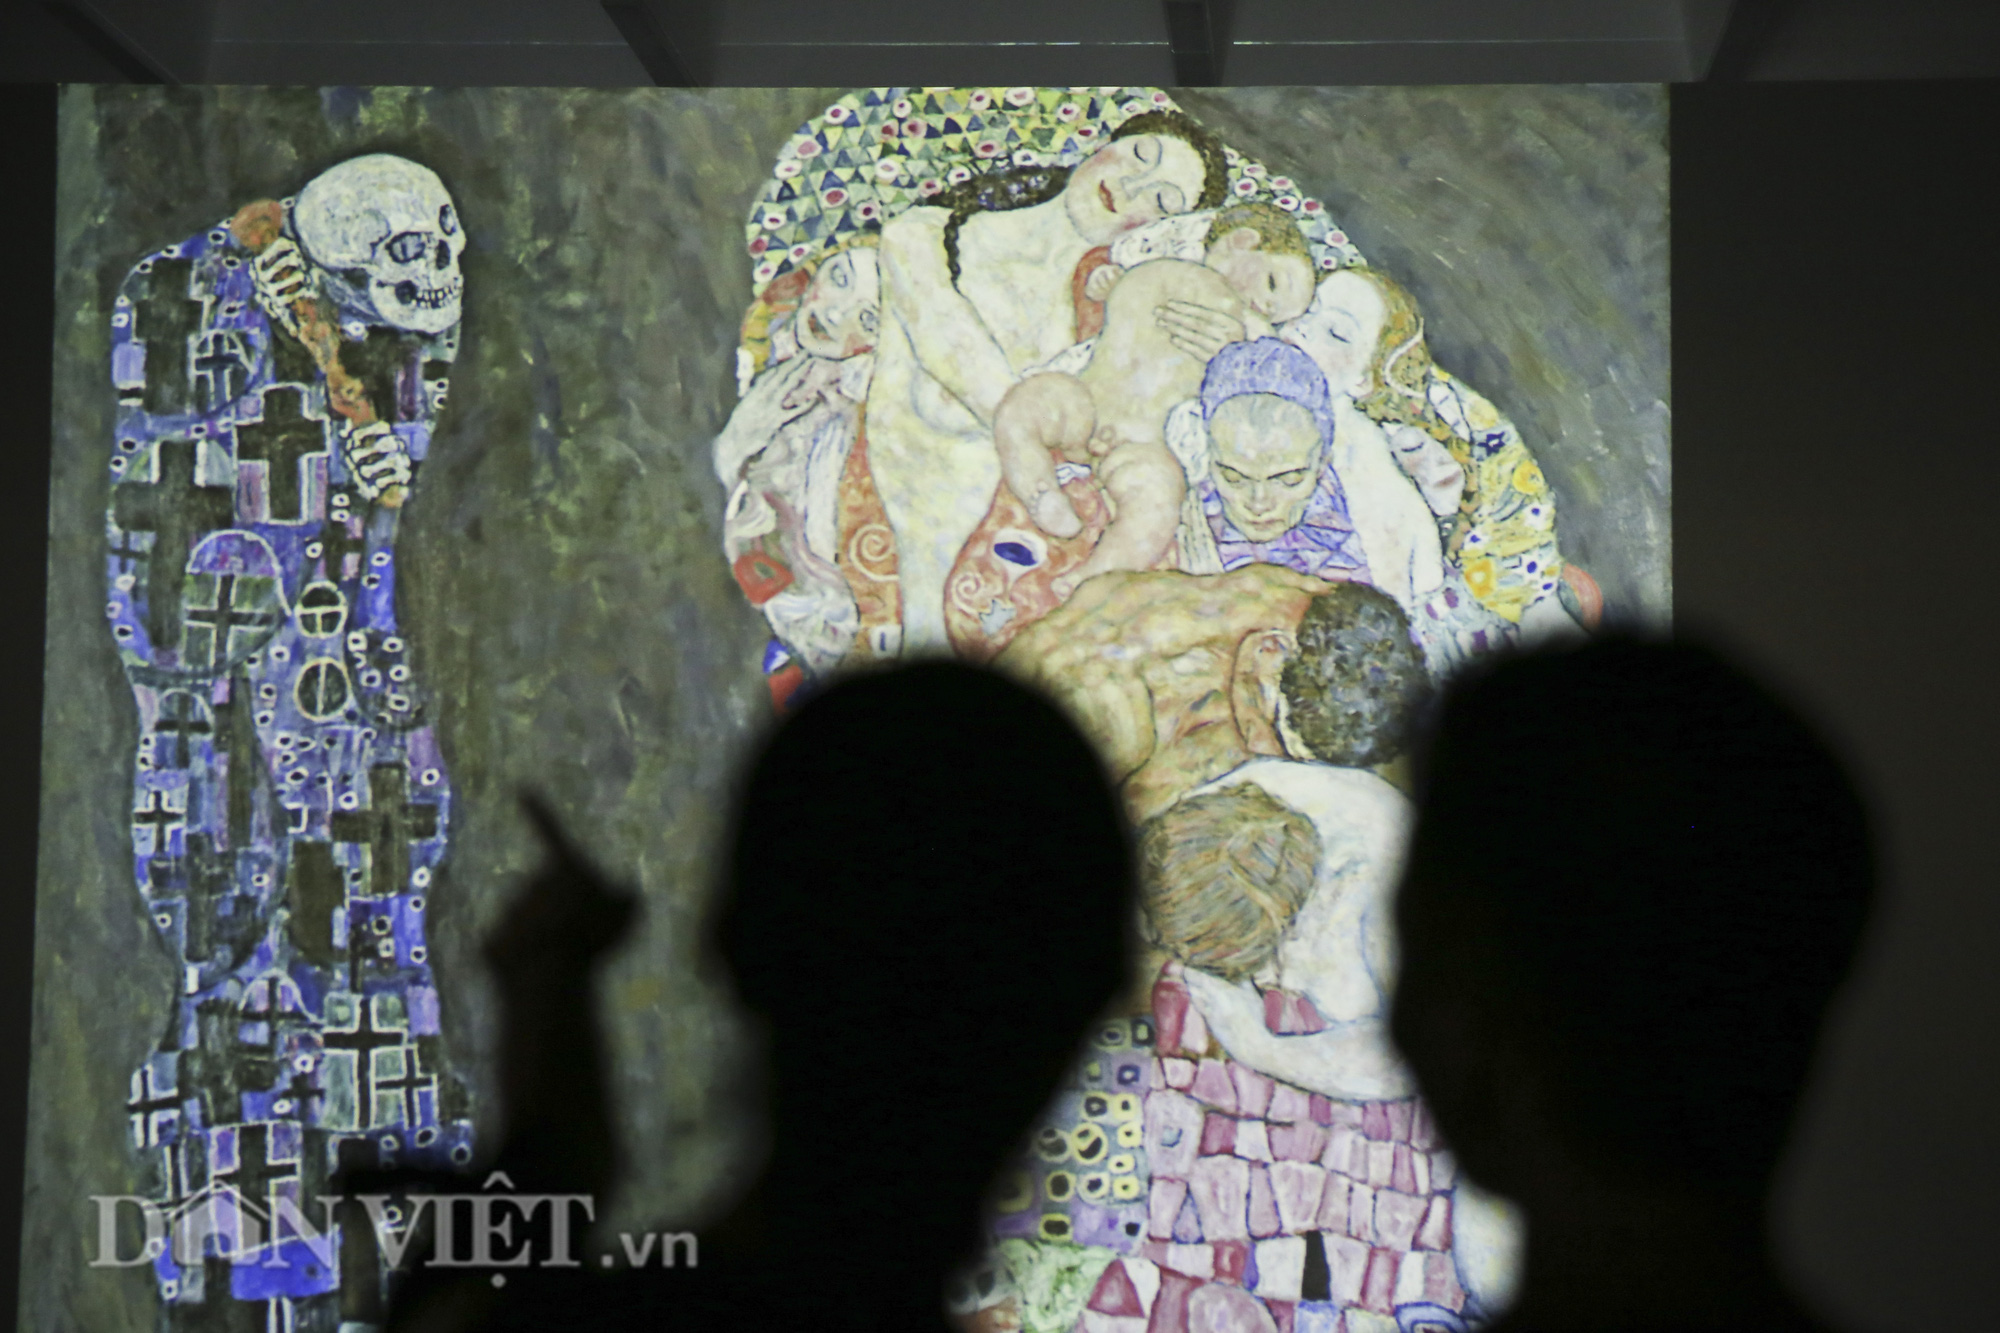 Chiêm ngưỡng những kiệt tác hội họa trăm năm, giá trăm triệu USD tại Hà Nội - Ảnh 4.